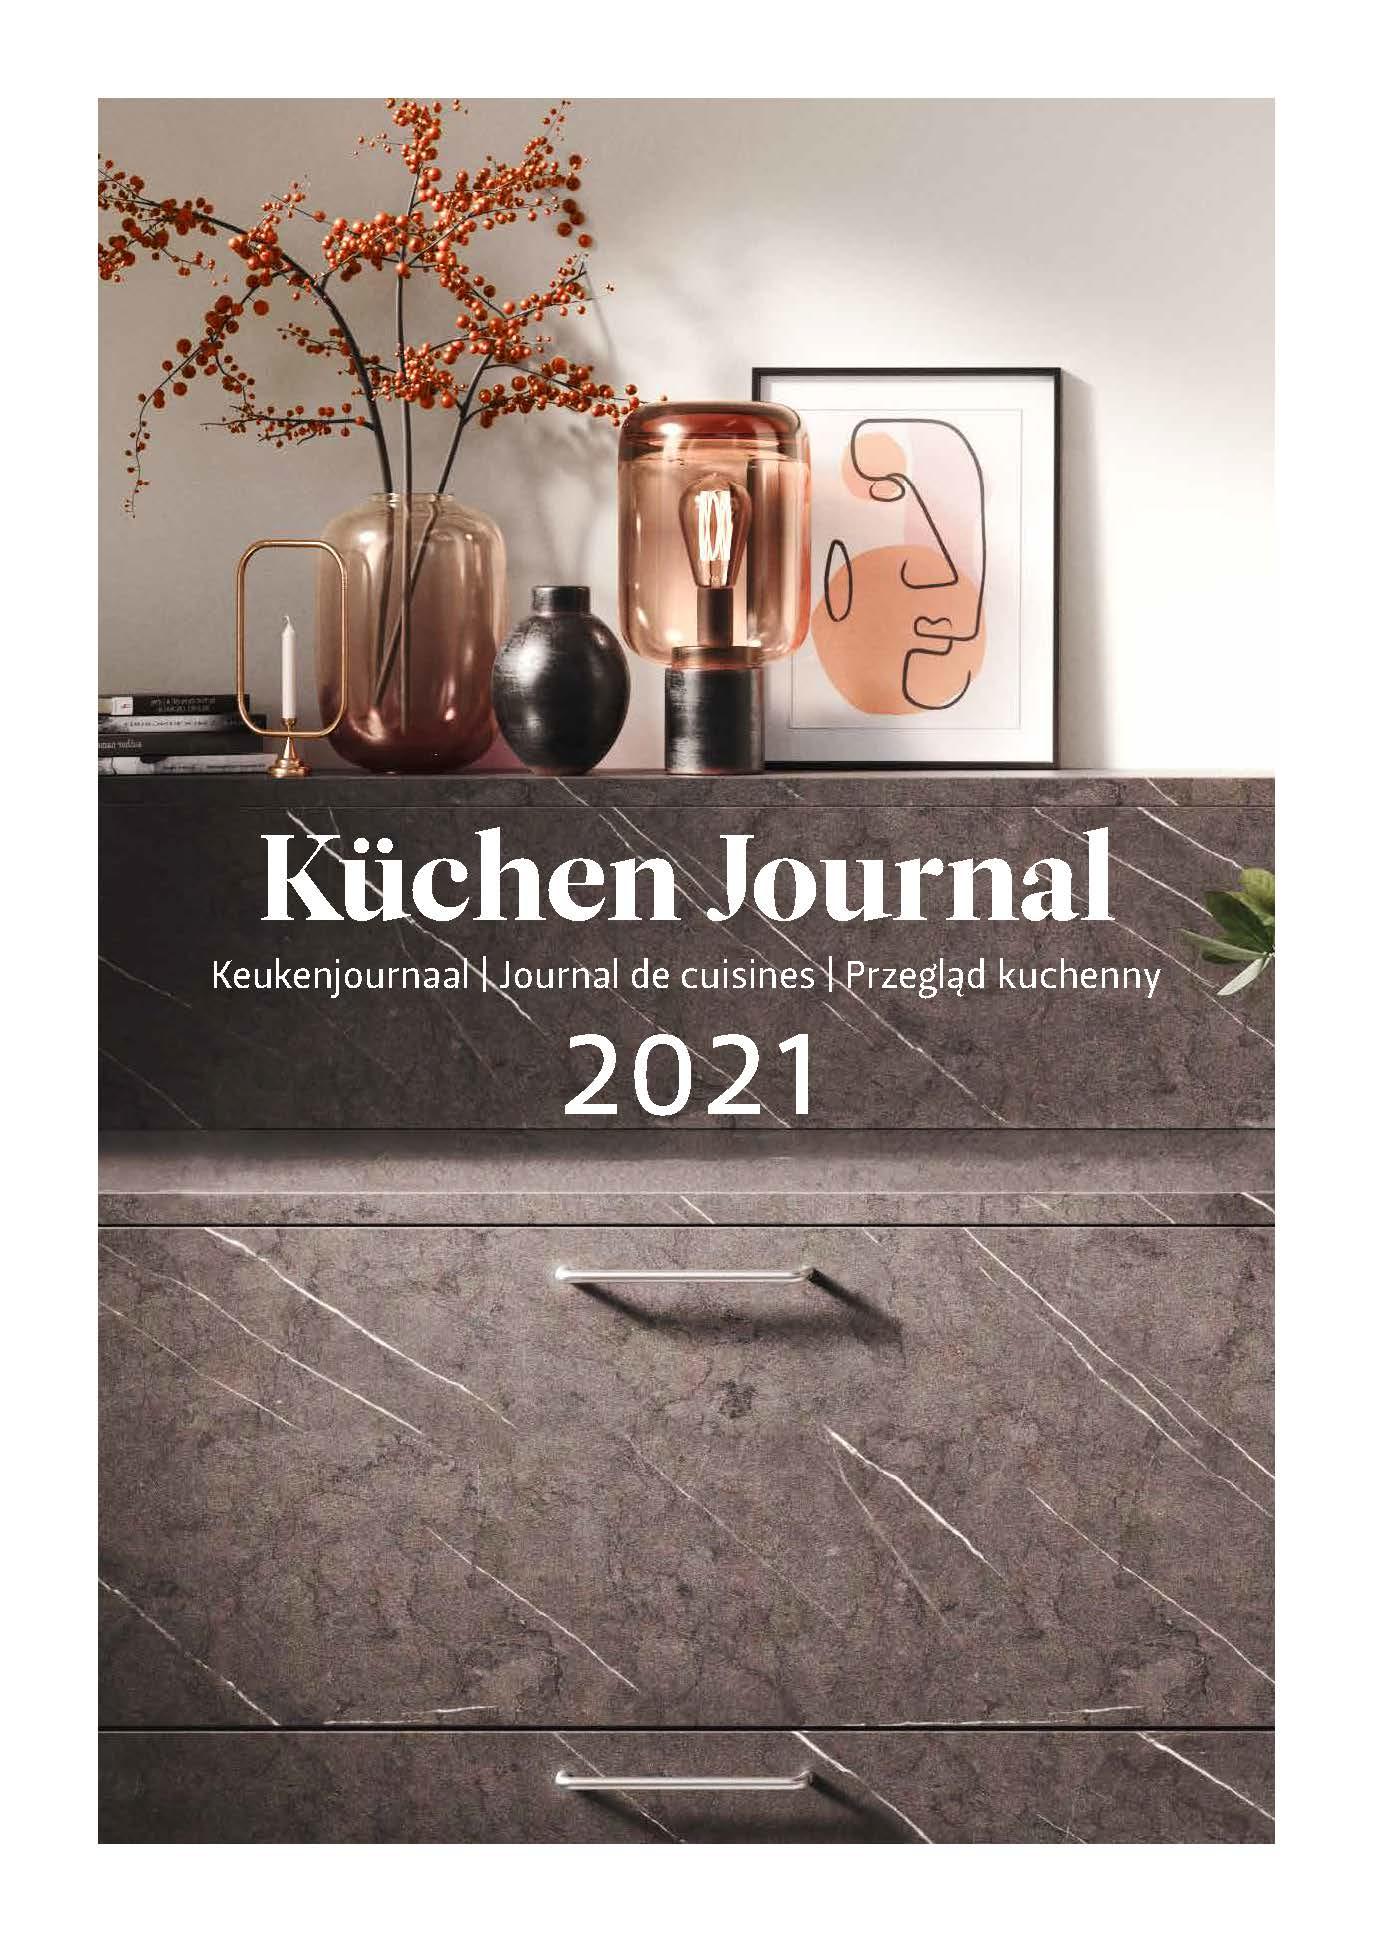 Haecker Kuechen Journal 2021 De Nl Fr Pl Page 01